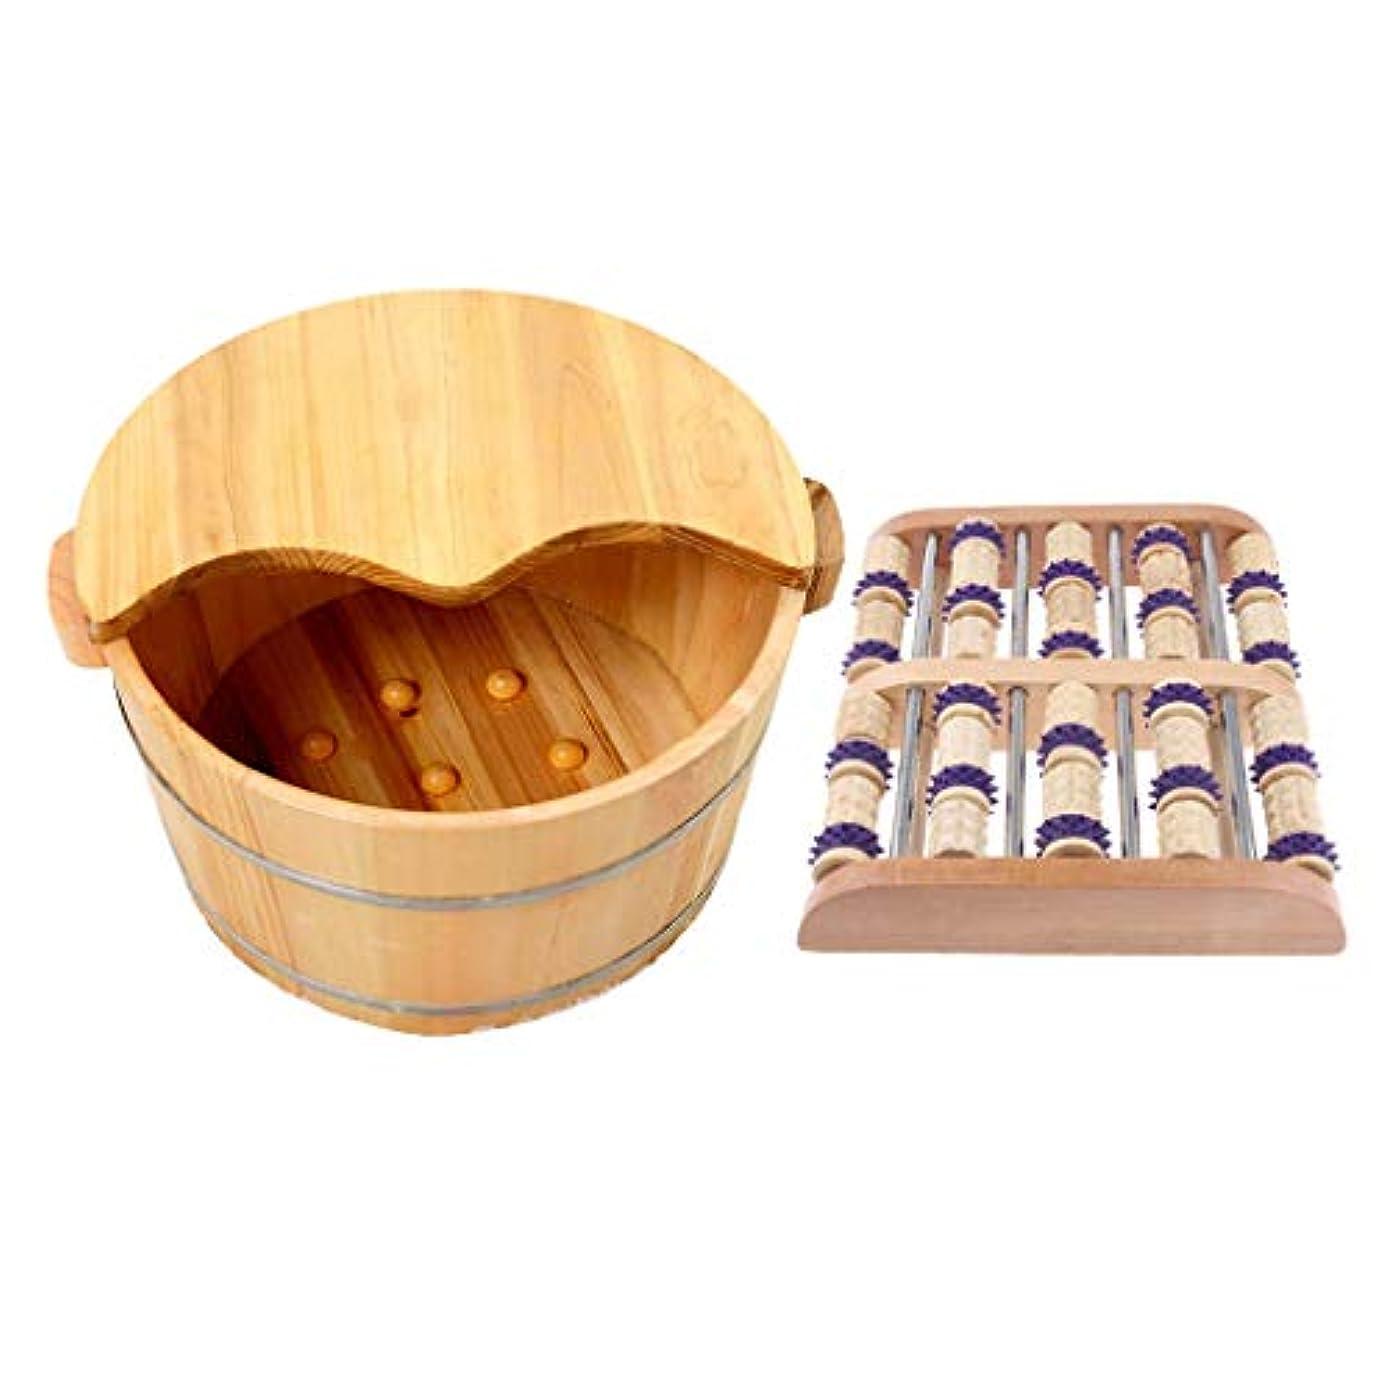 ビートメッシュ必要gazechimp 足つぼ マット マッサージフット 手作りウッド タイトステッチ 足裏 ツボ押健康木製の足の洗面台付き